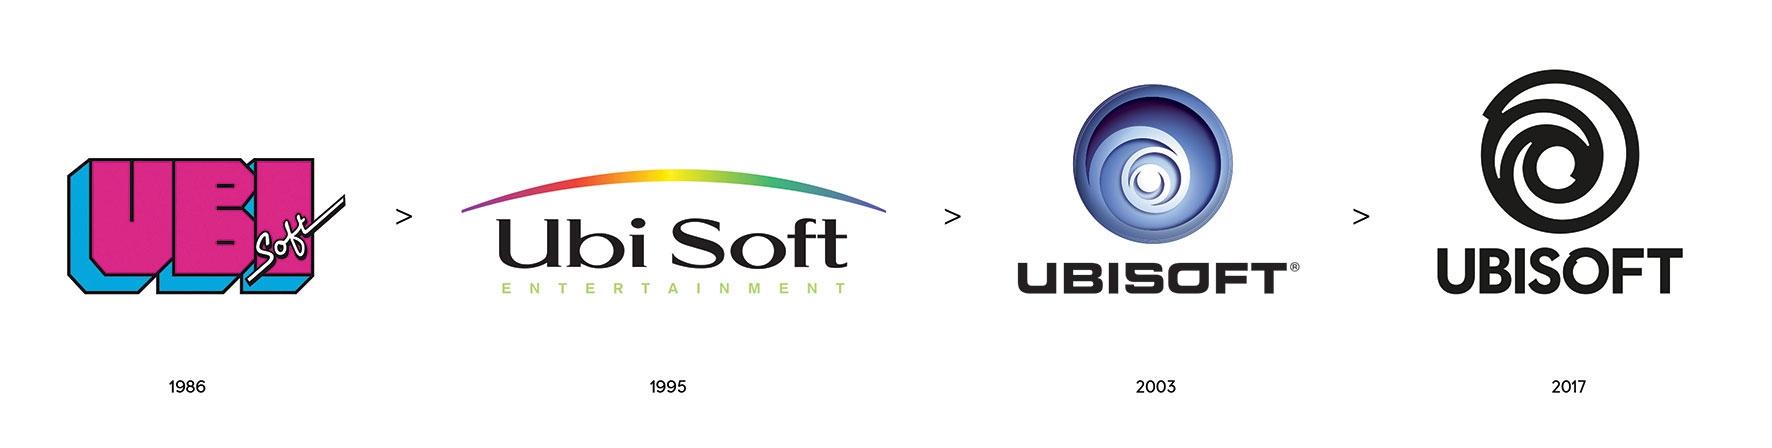 Ubisoft evolutie